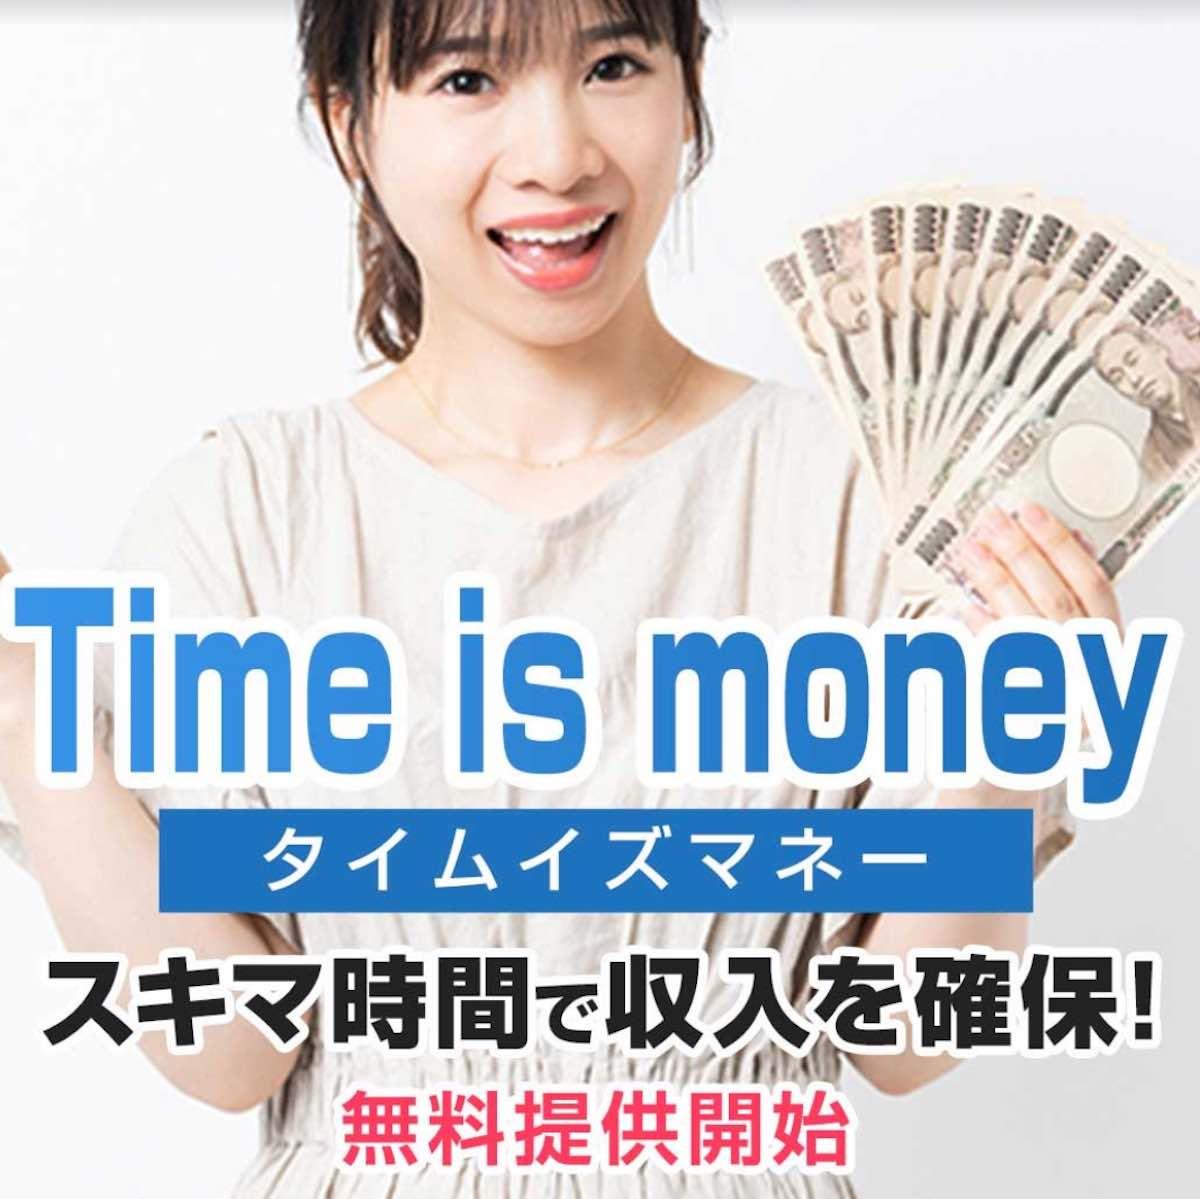 タイムイズマネーTime-is-Moneyは副業詐欺か?スキマ時間で稼げない?怪しいLINE副業の口コミ評判は?